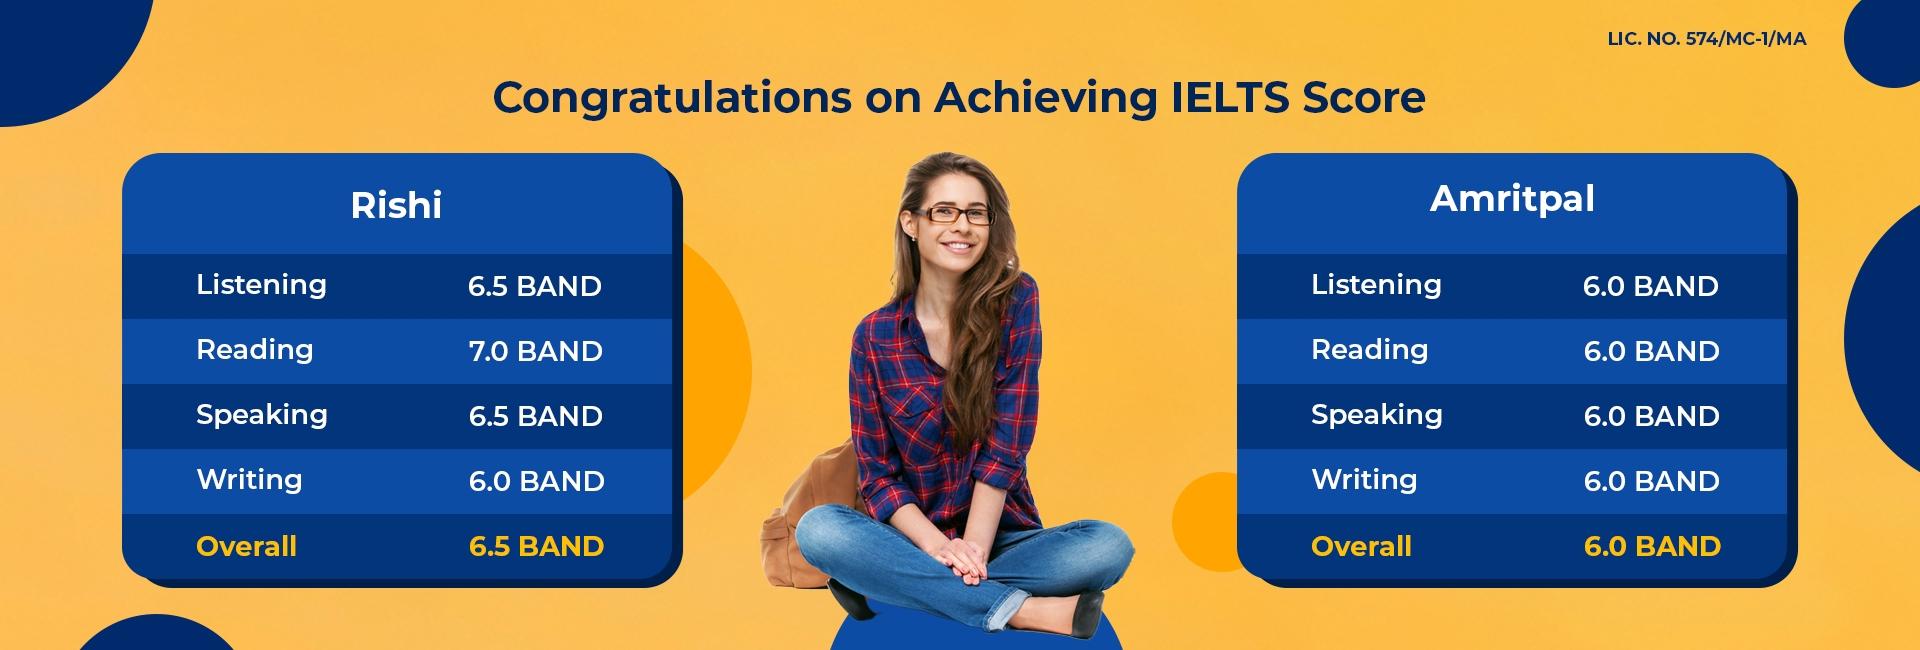 Best IELTS Institute in Jalandhar | IELTS Centre Jalandhar